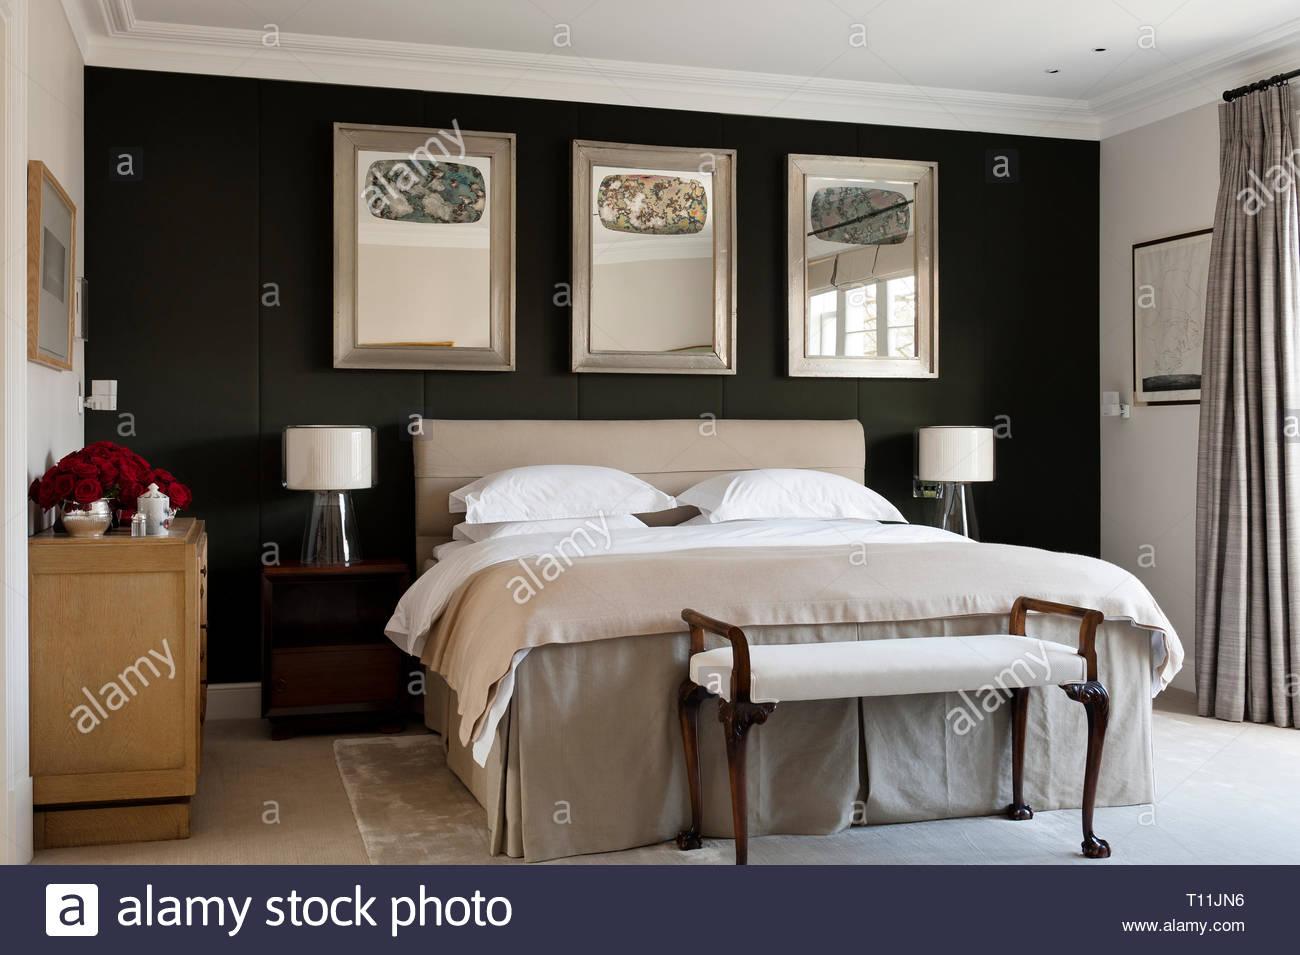 Modernes Schlafzimmer mit Spiegel über dem Bett Stockfoto, Bild ...